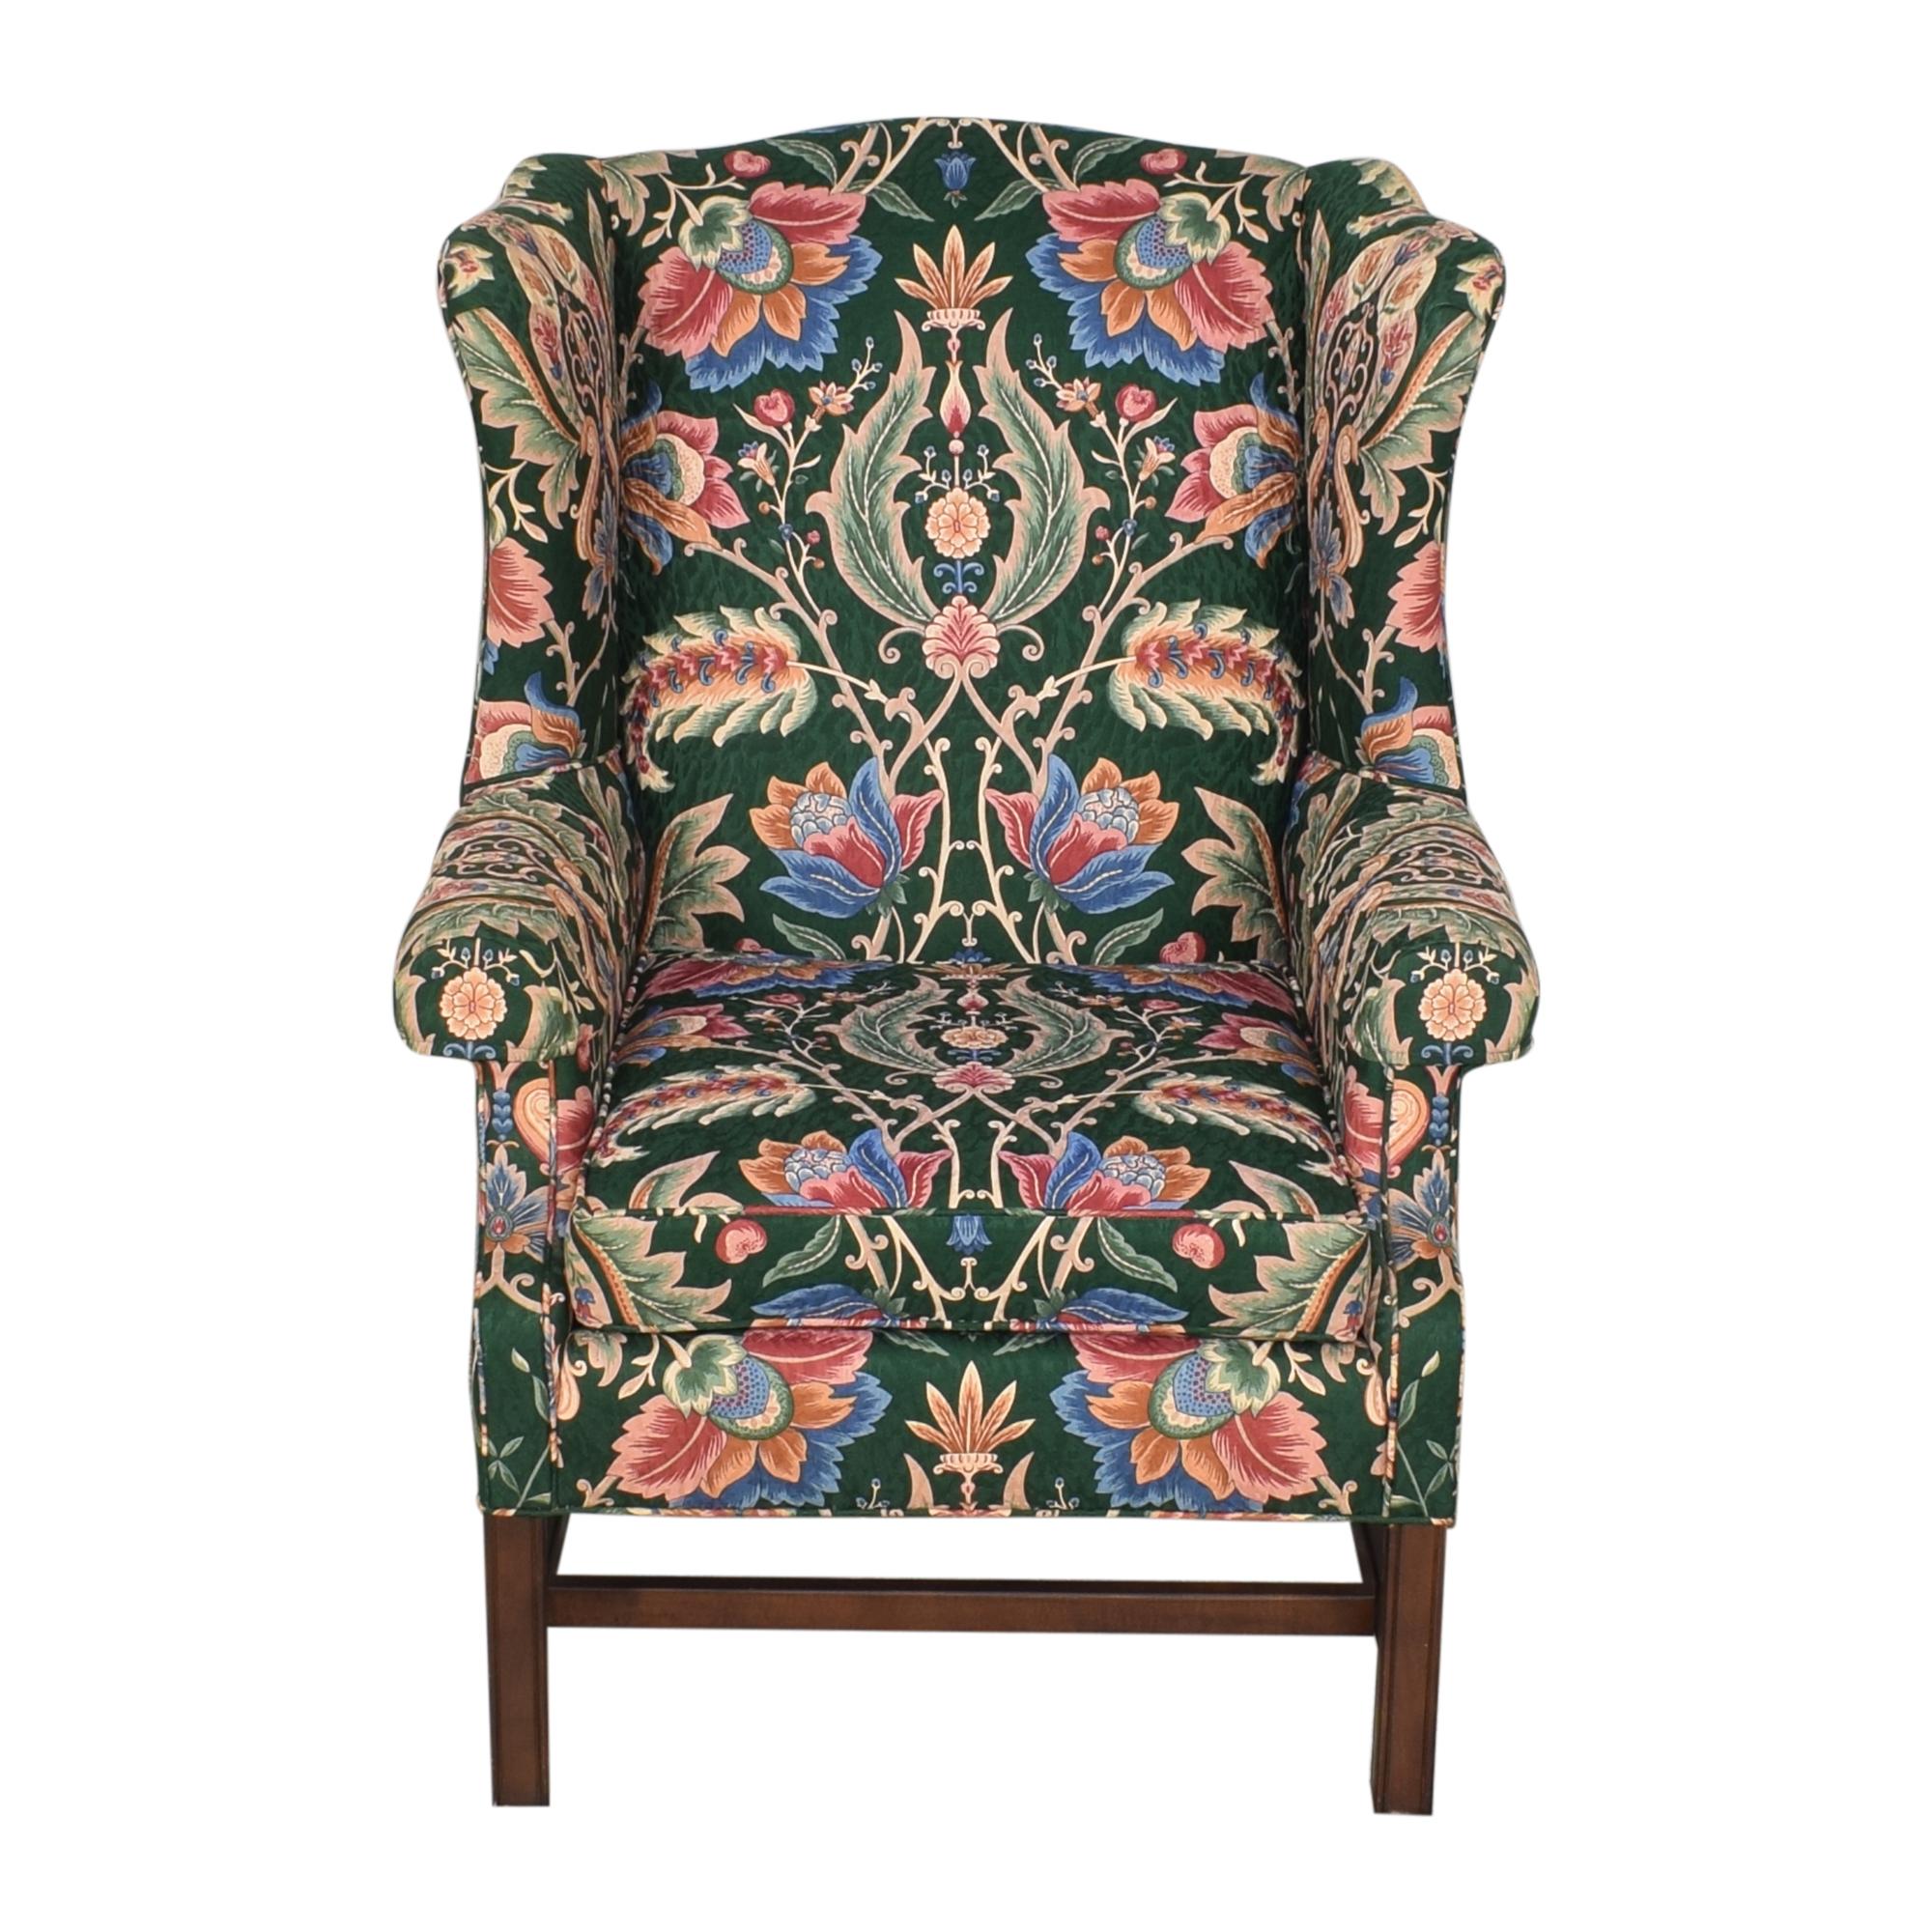 Ethan Allen Ethan Allen Skylar Wing Chair pa